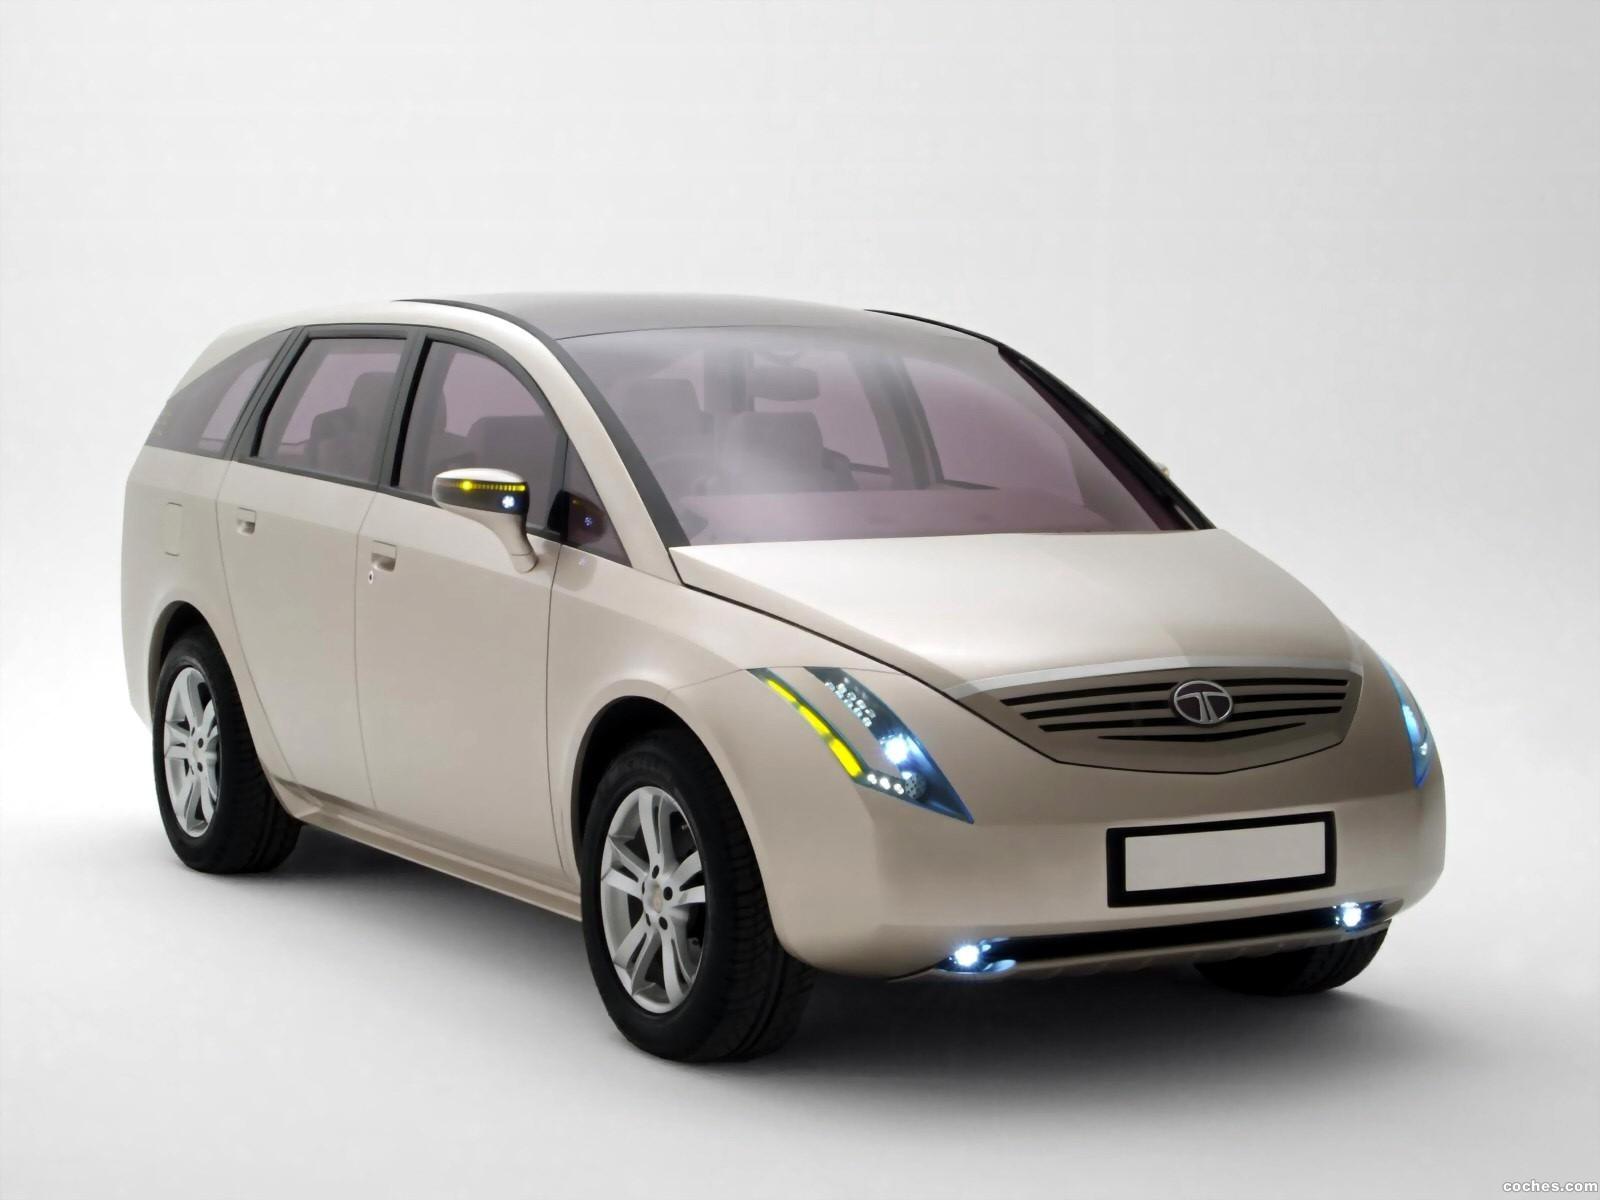 Foto 0 de Tata Crossover Concept 2005